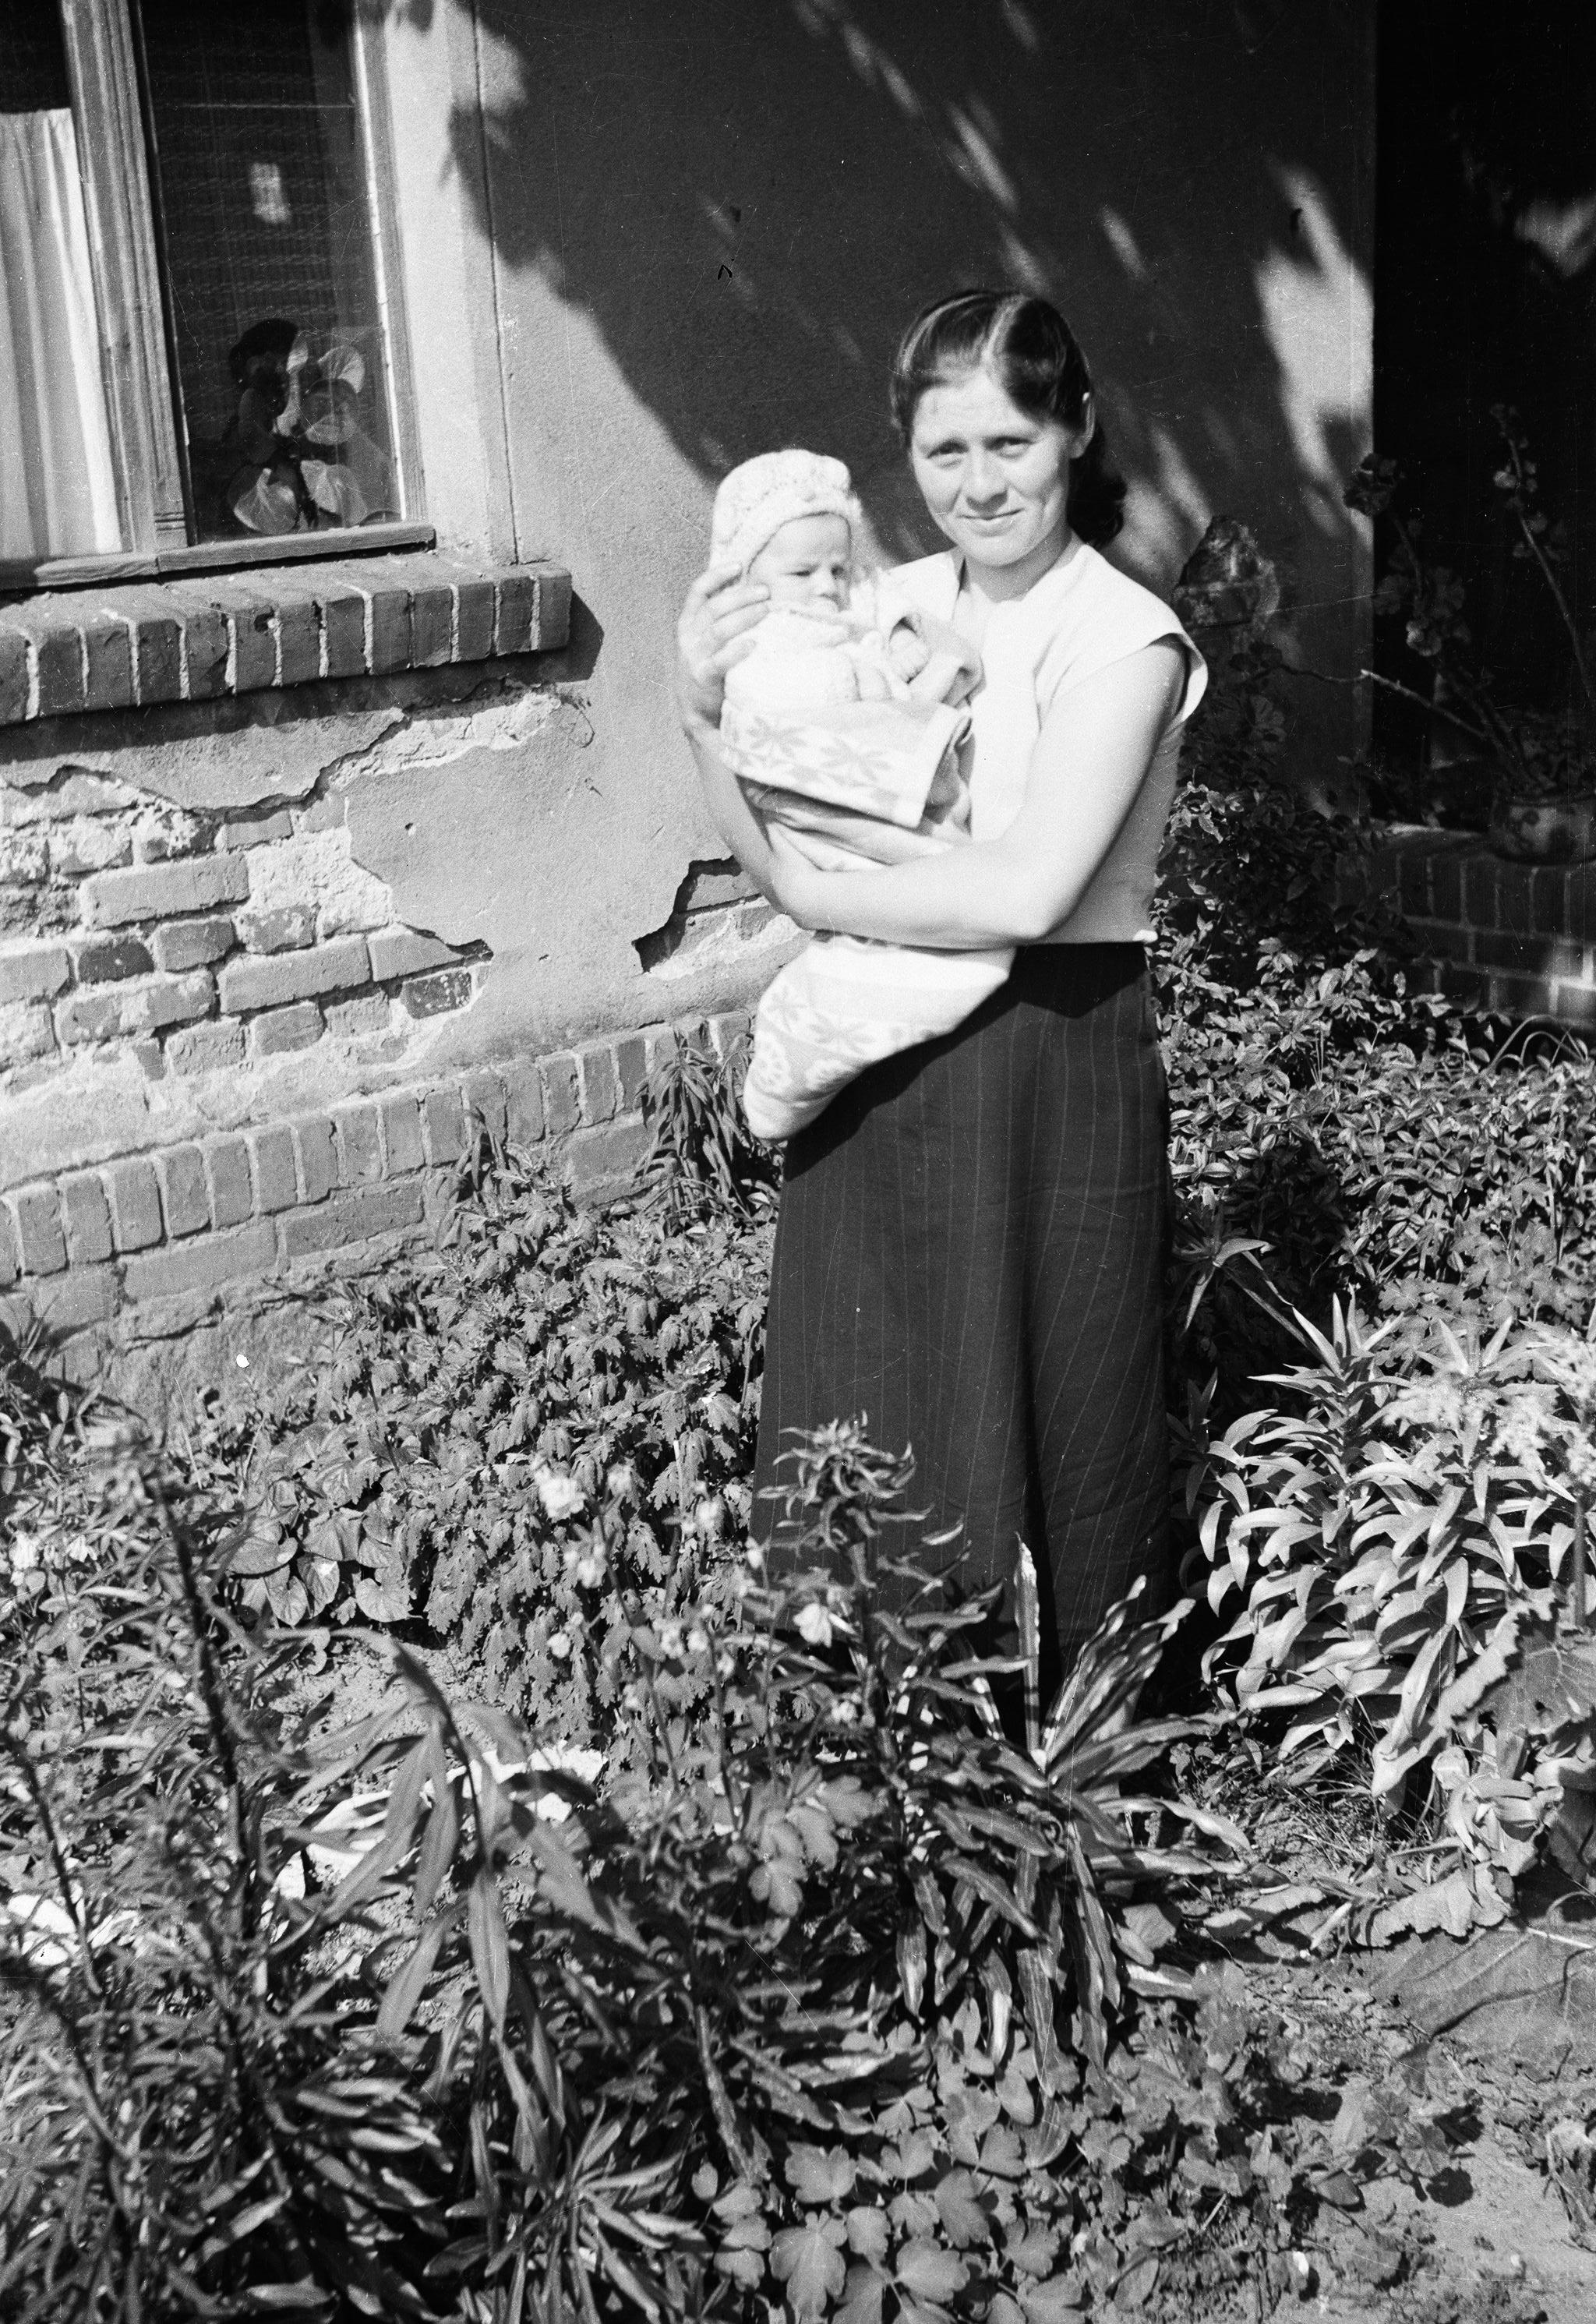 Janina Orzeł z dzieckiem, Rudawa, Dolny Śląsk, lata 50. XX w.